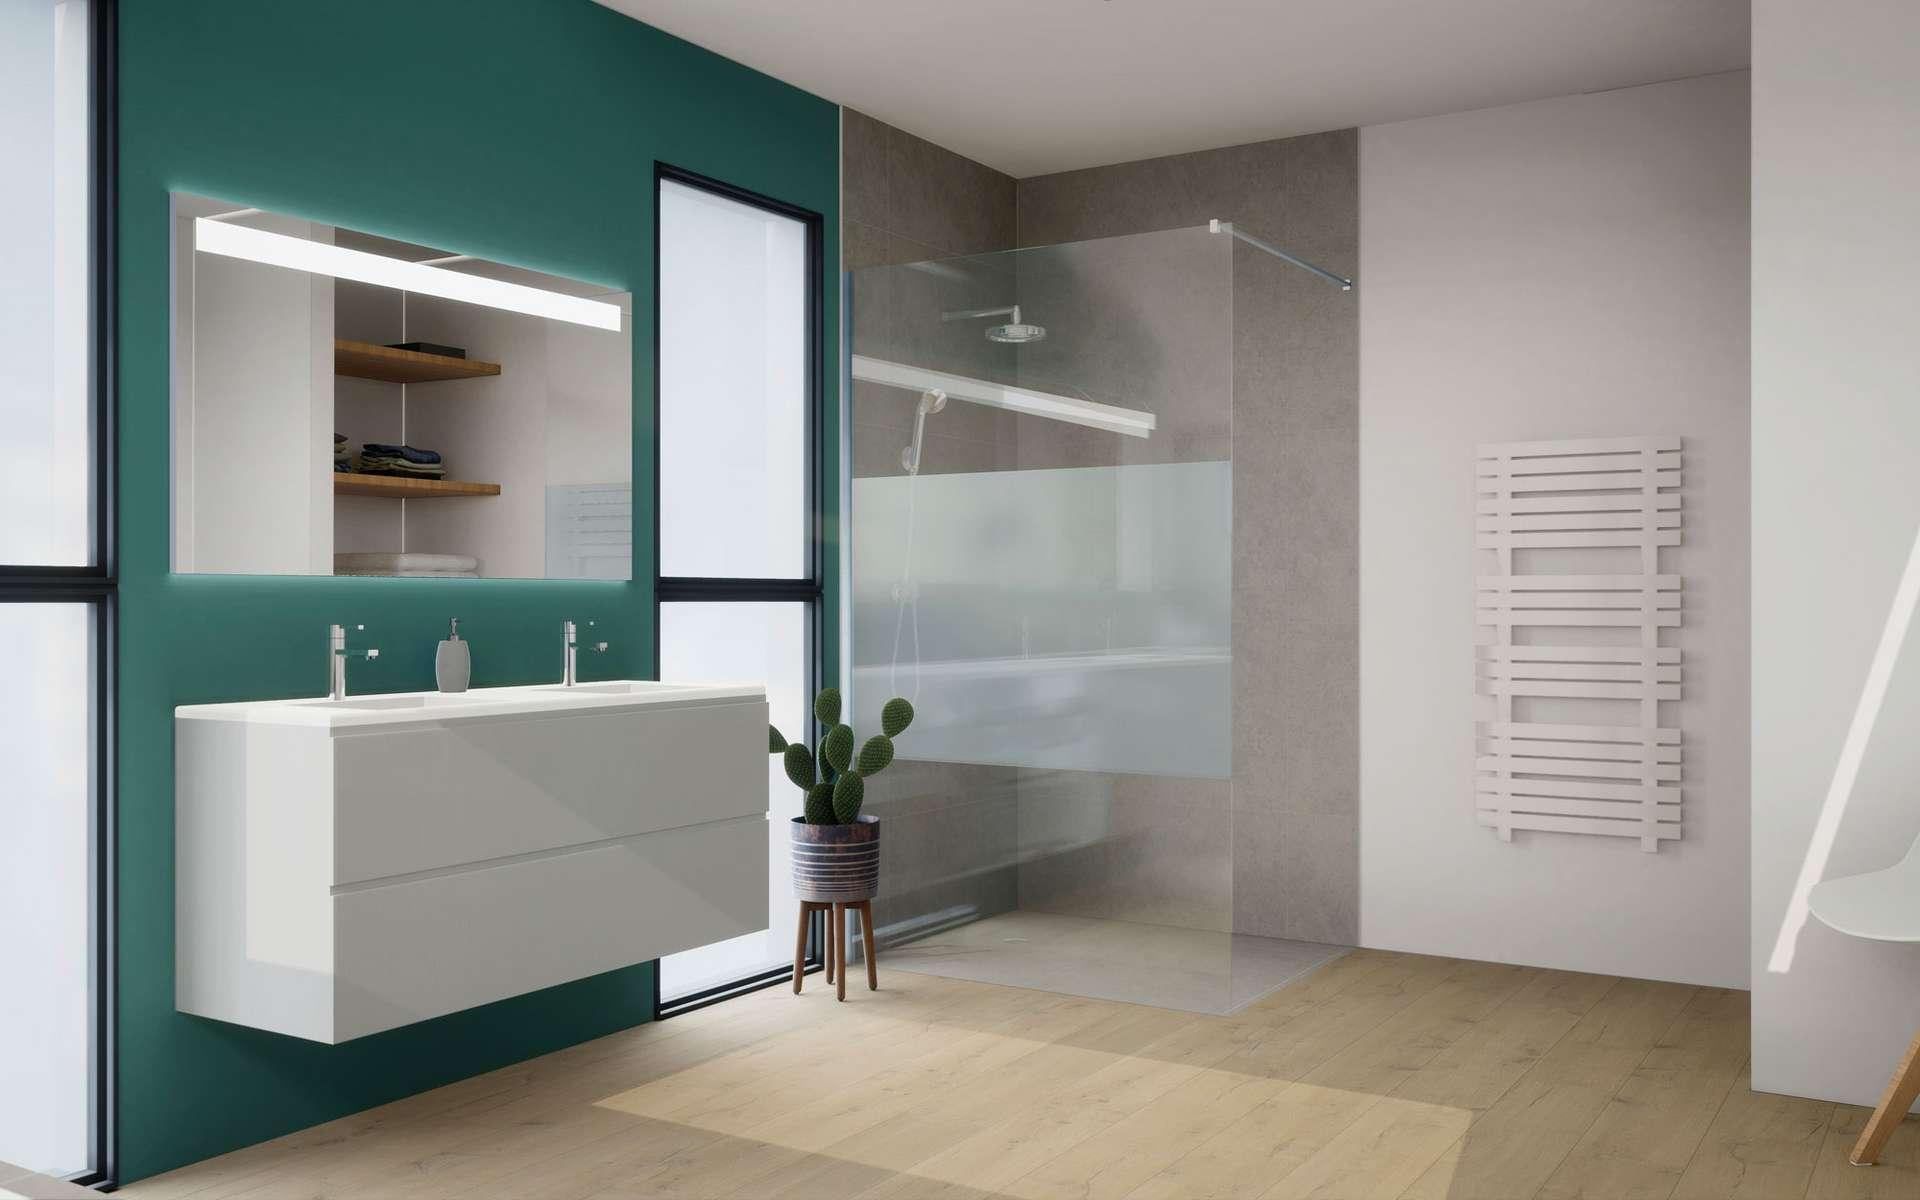 Rénovation de la salle de bain : les étapes vers une nouvelle salle de bain